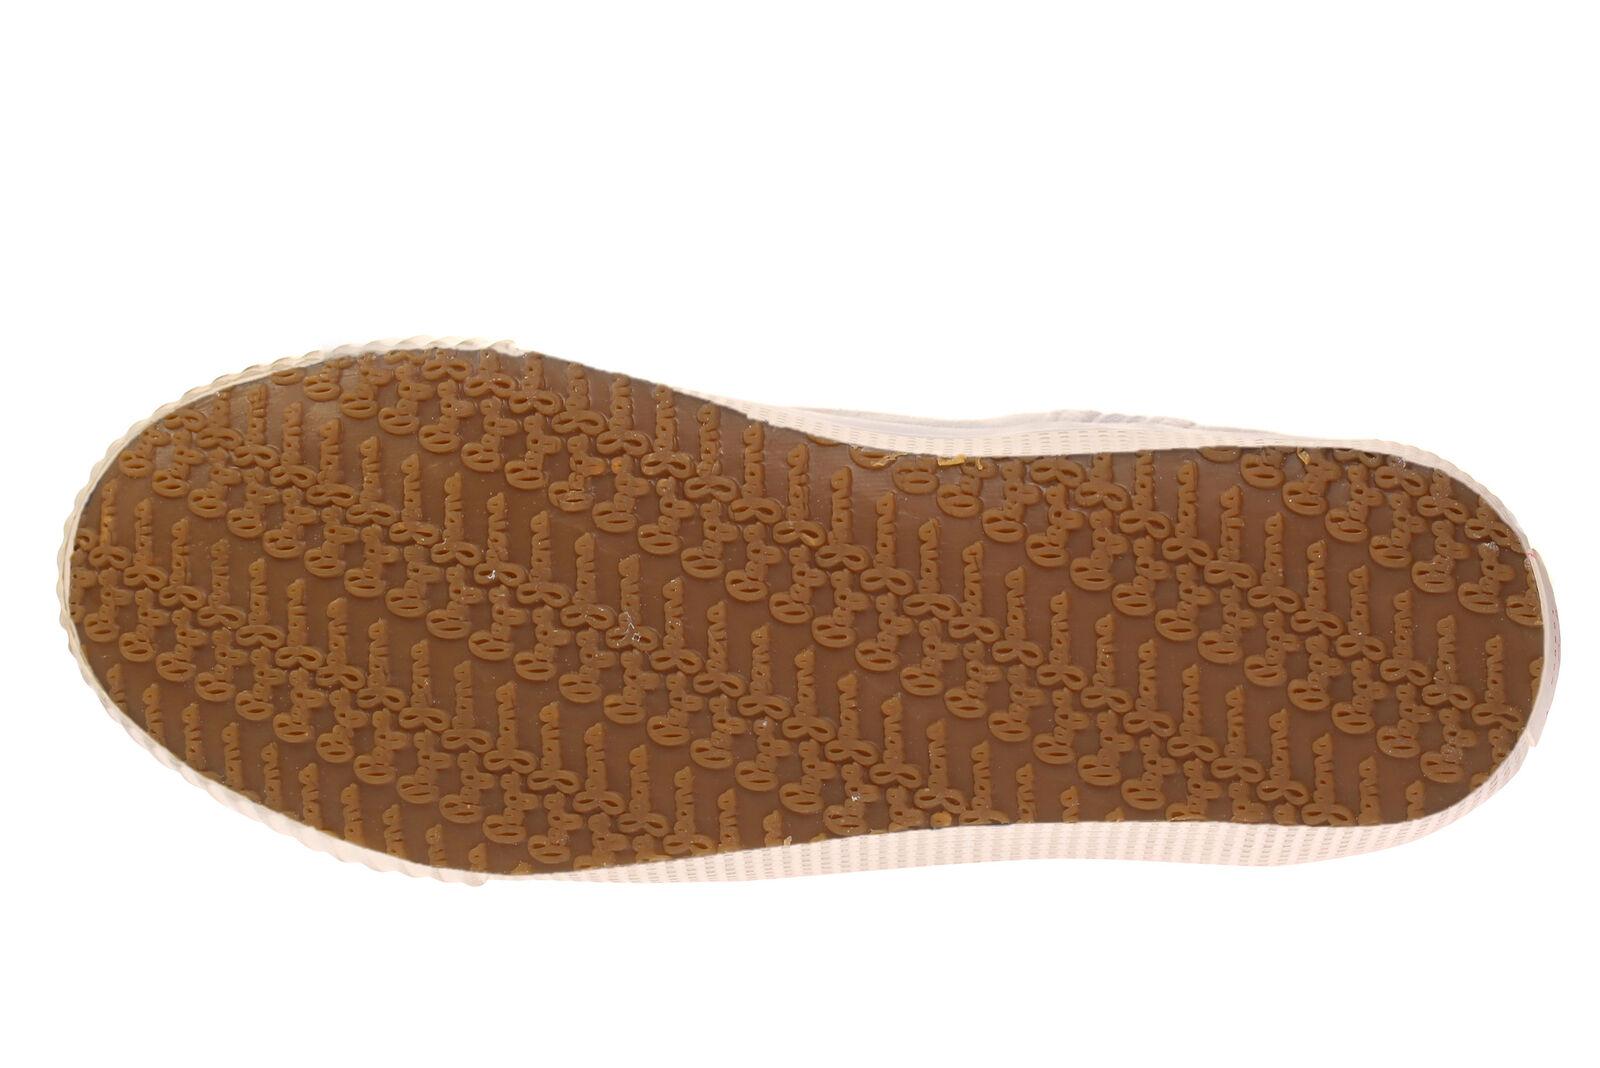 Pepe Footwear PLS30614 INDUSTRY MET - Damen Schuhe Sneaker - 099-gold